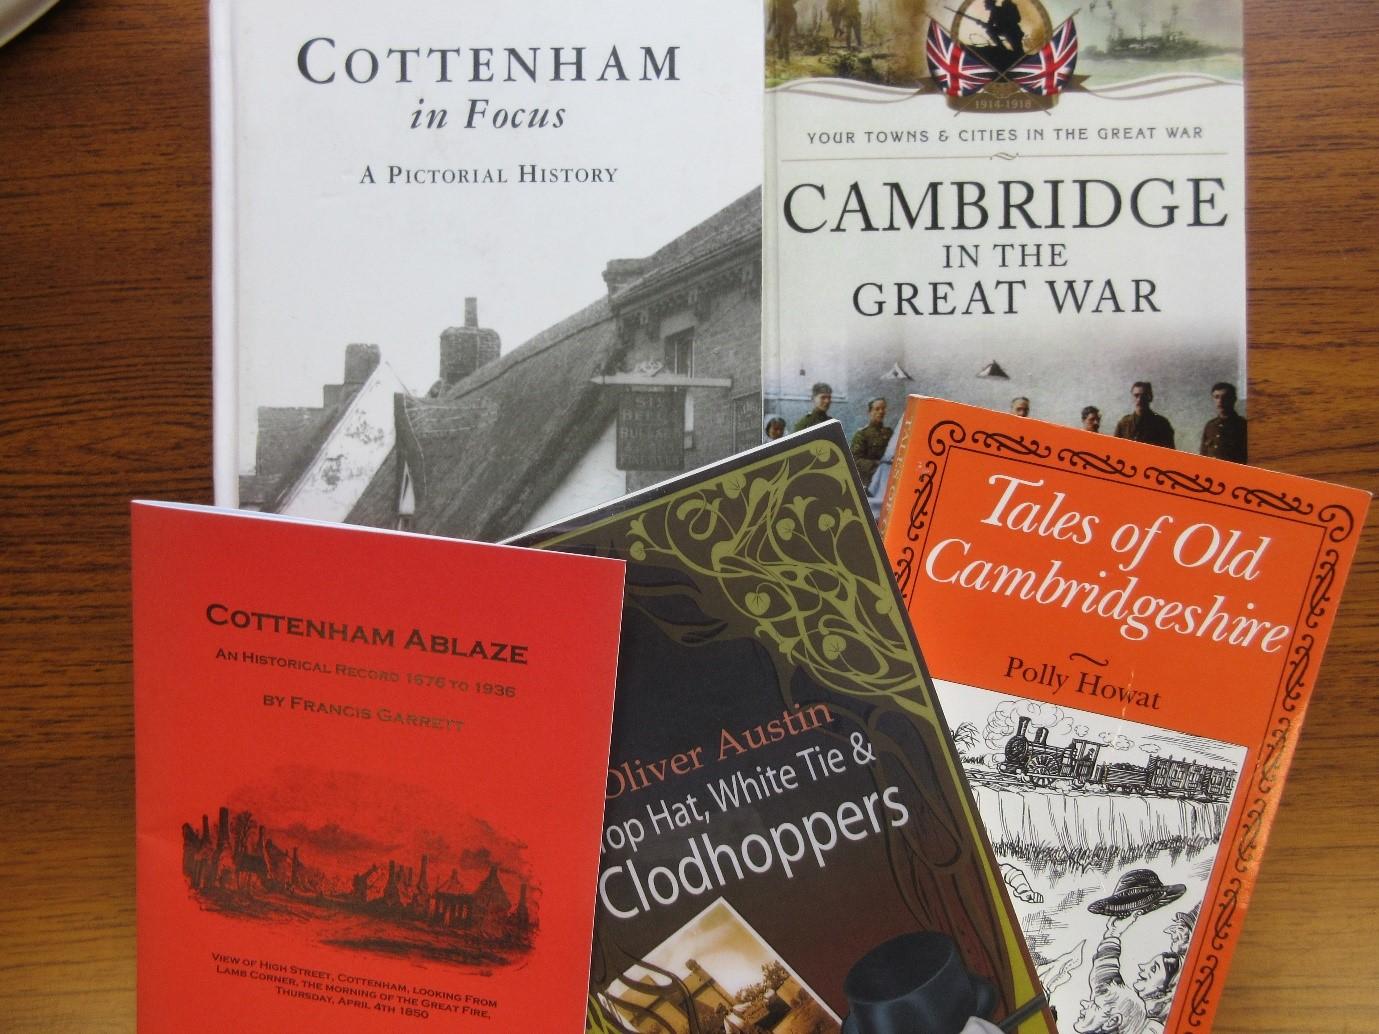 Cottenham Village Society